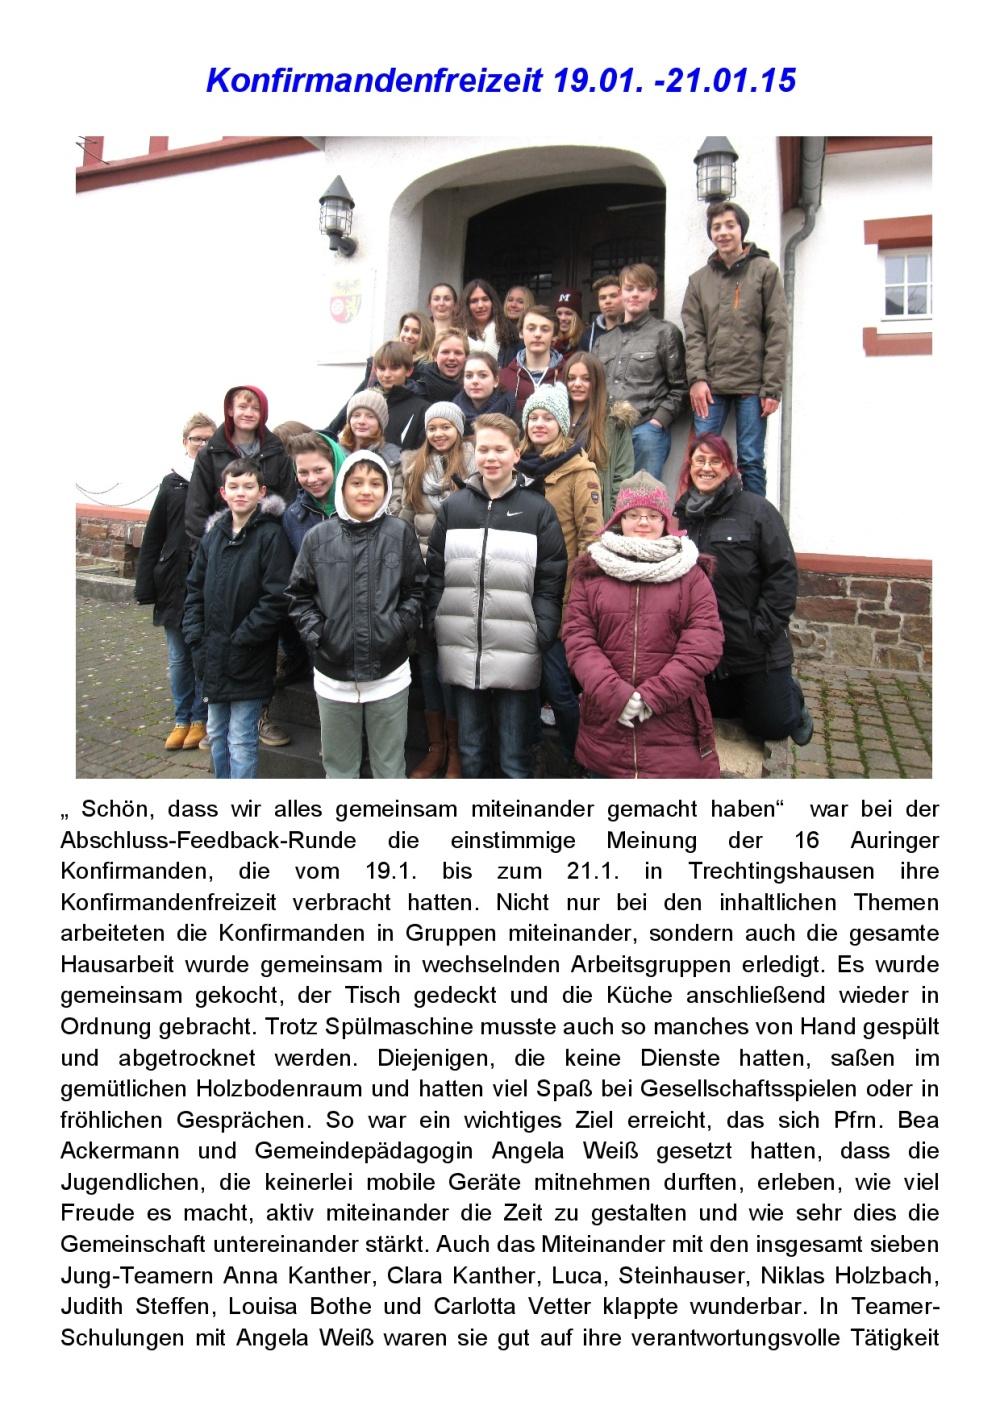 2015-01-19 Konfifahrt 2015-001